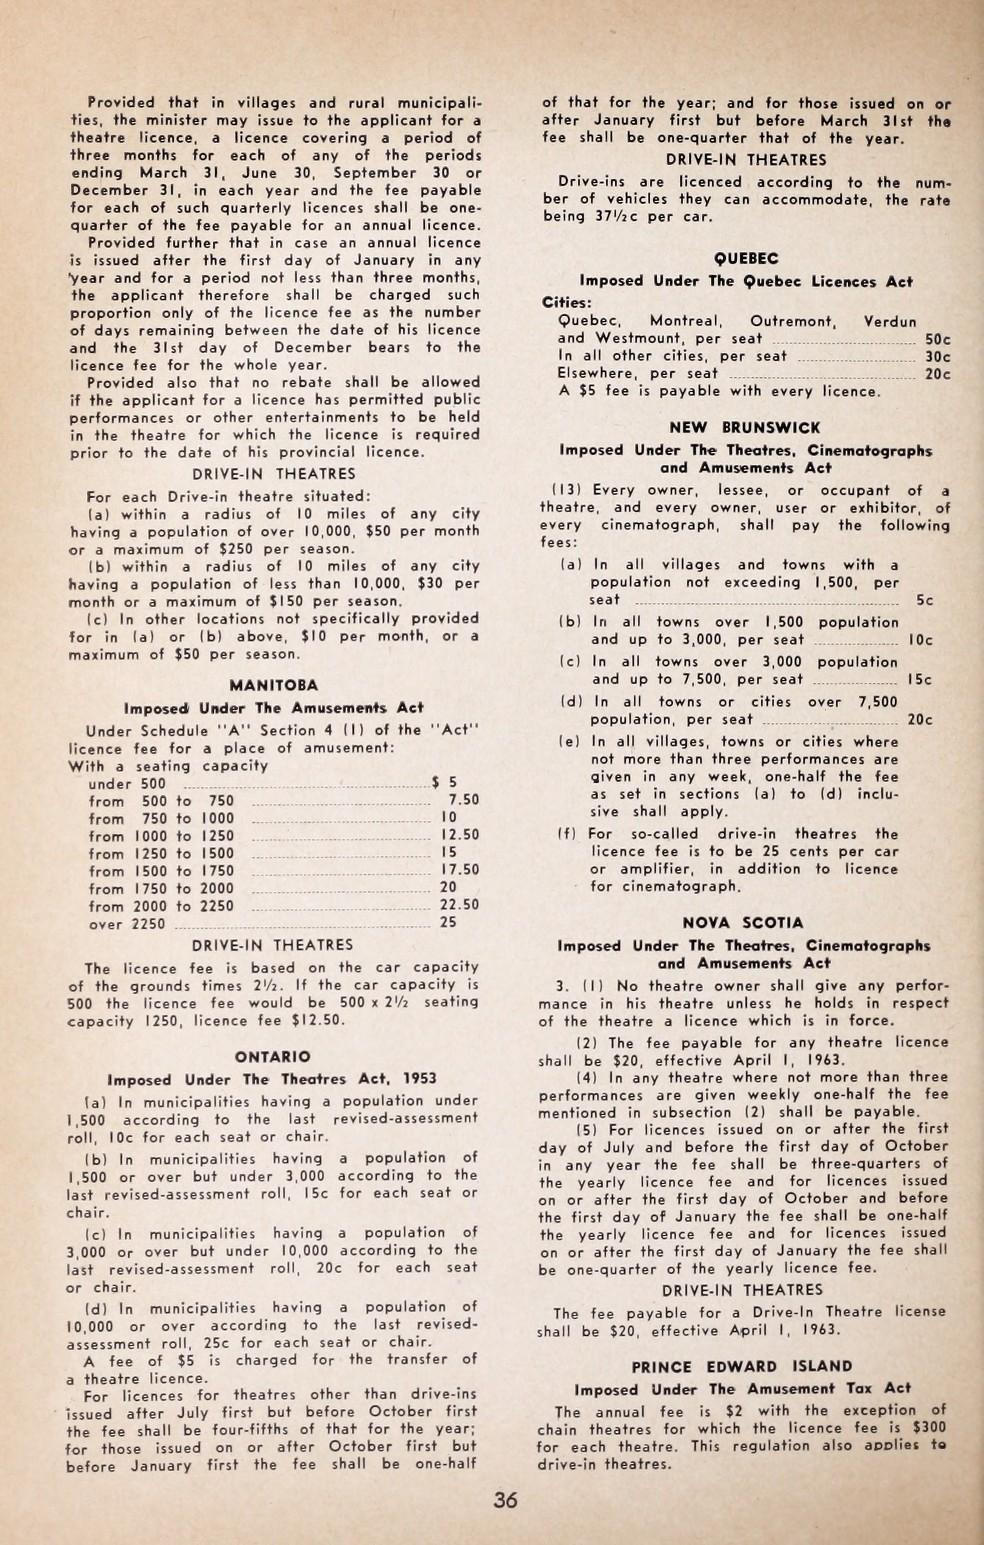 196364yearbookca00film_jp2.zip&file=196364yearbookca00film_jp2%2f196364yearbookca00film_0038